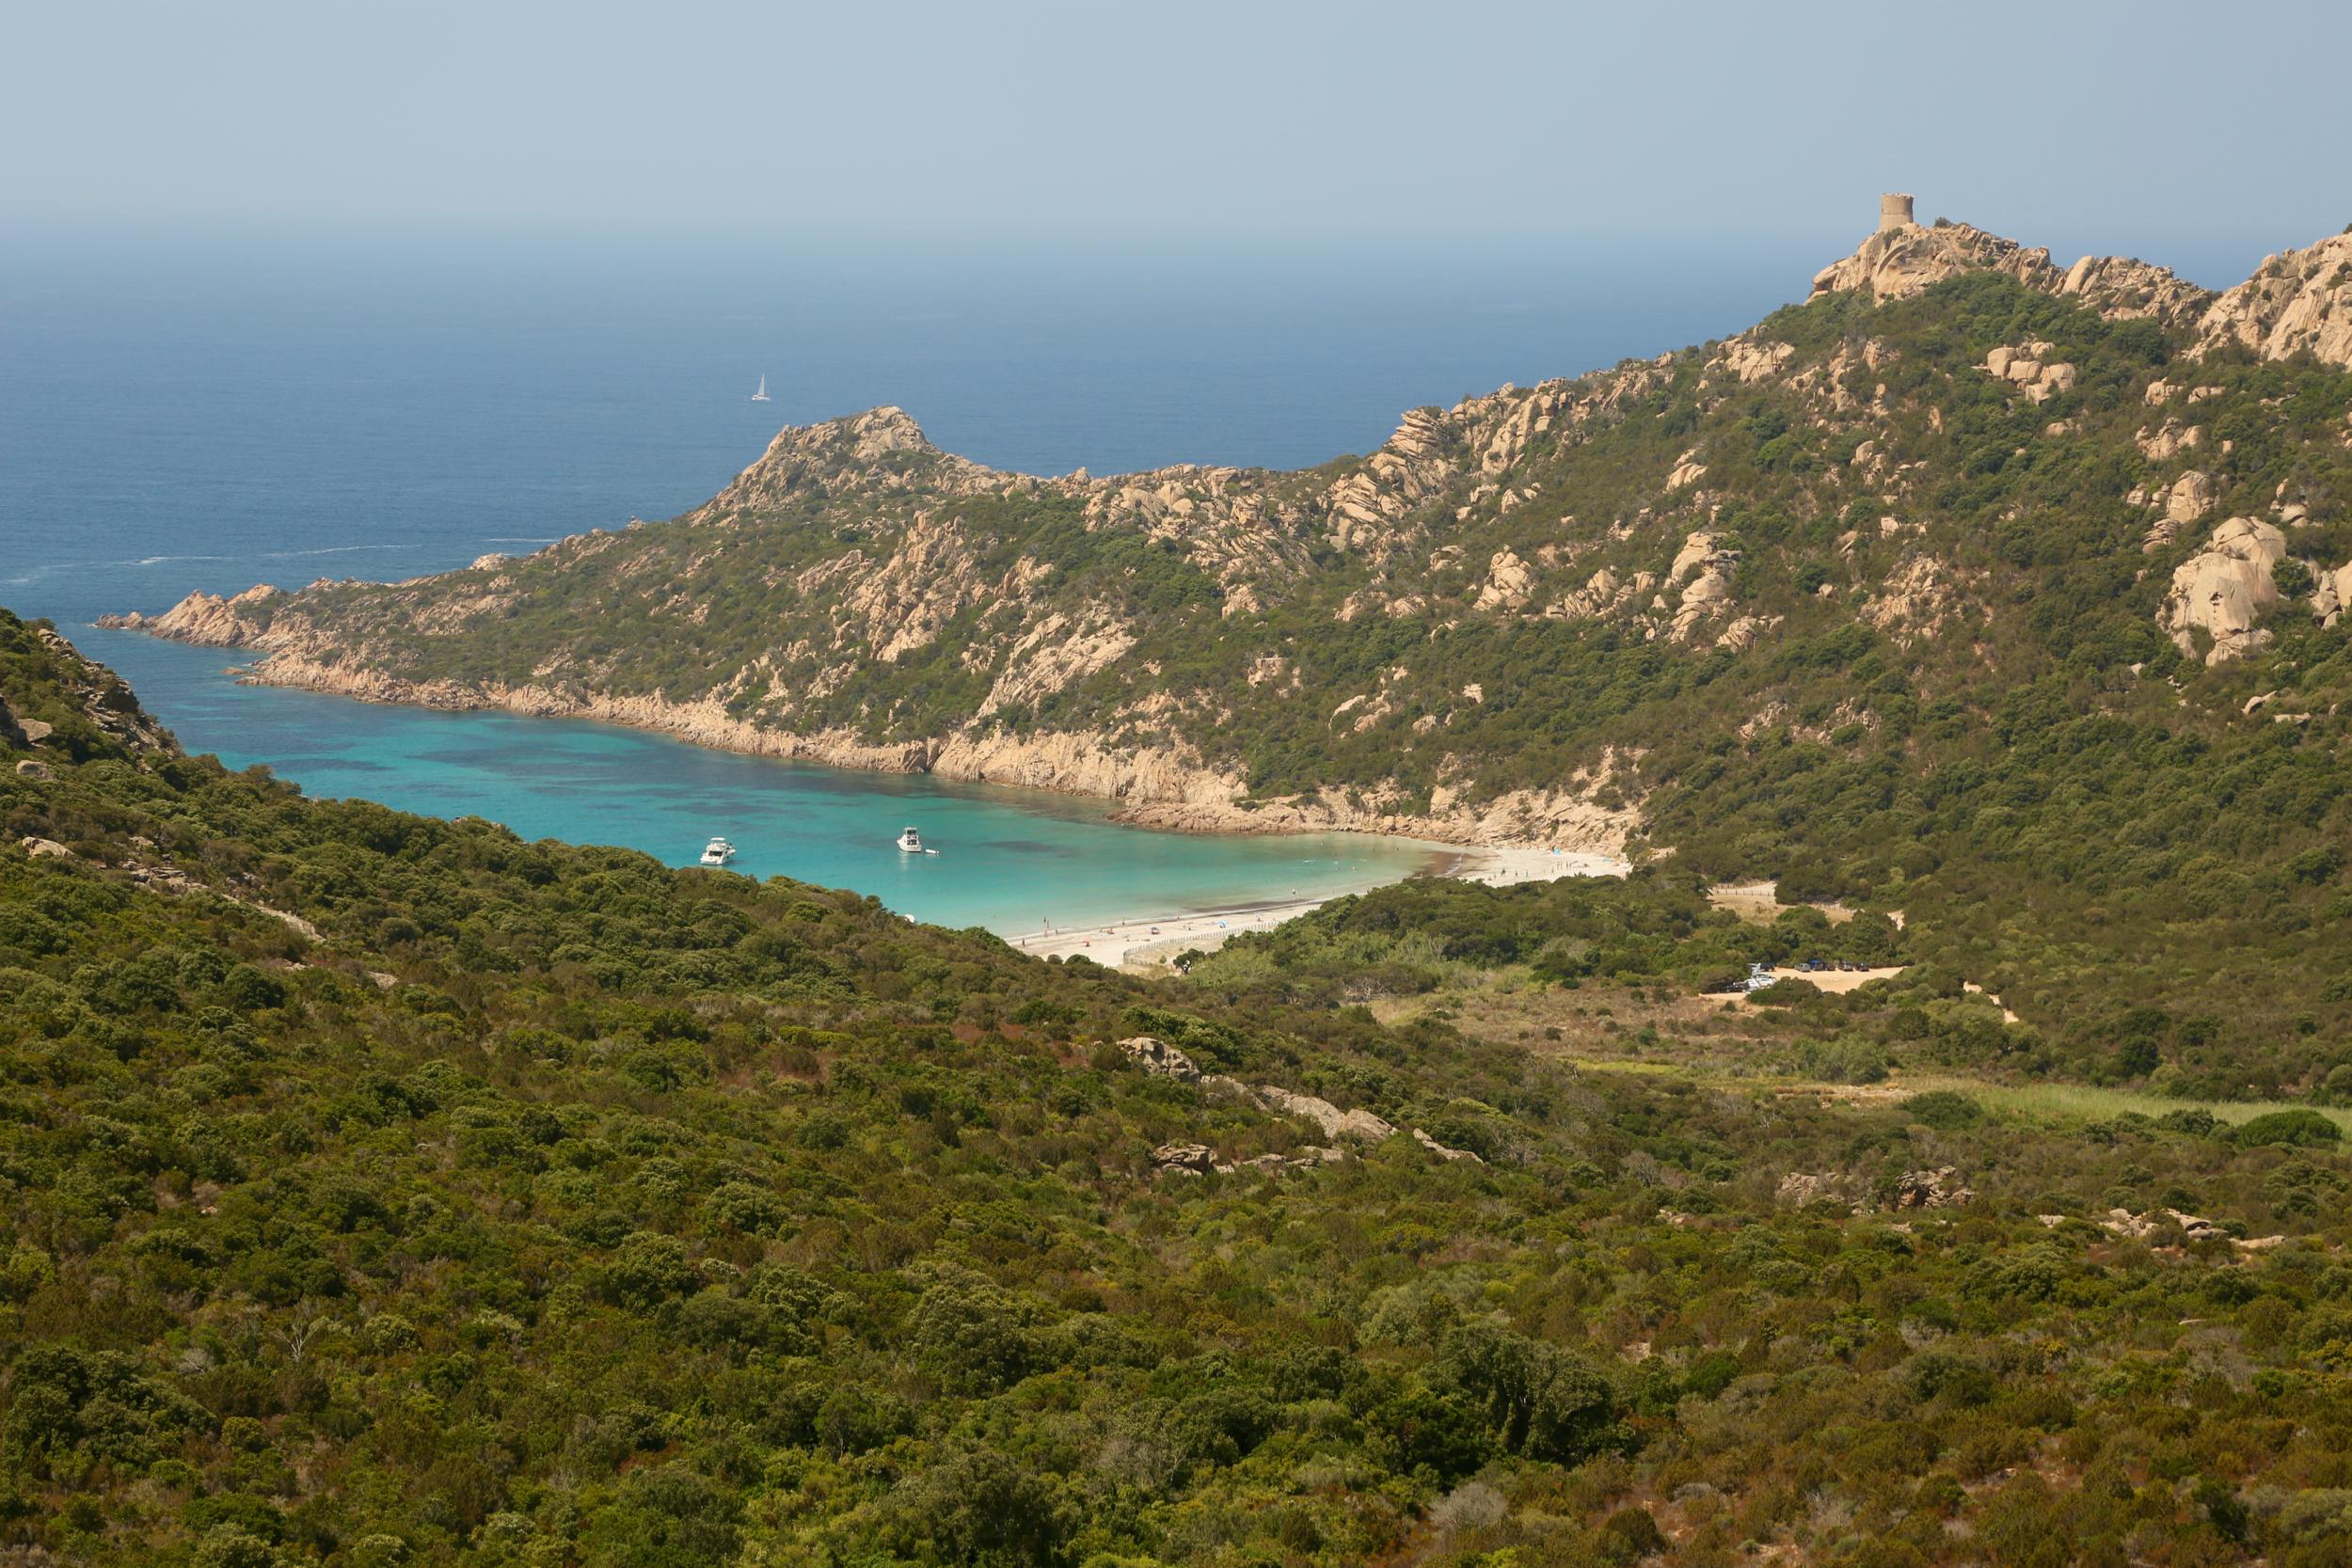 Domaine de Murtoli Roccapina cove